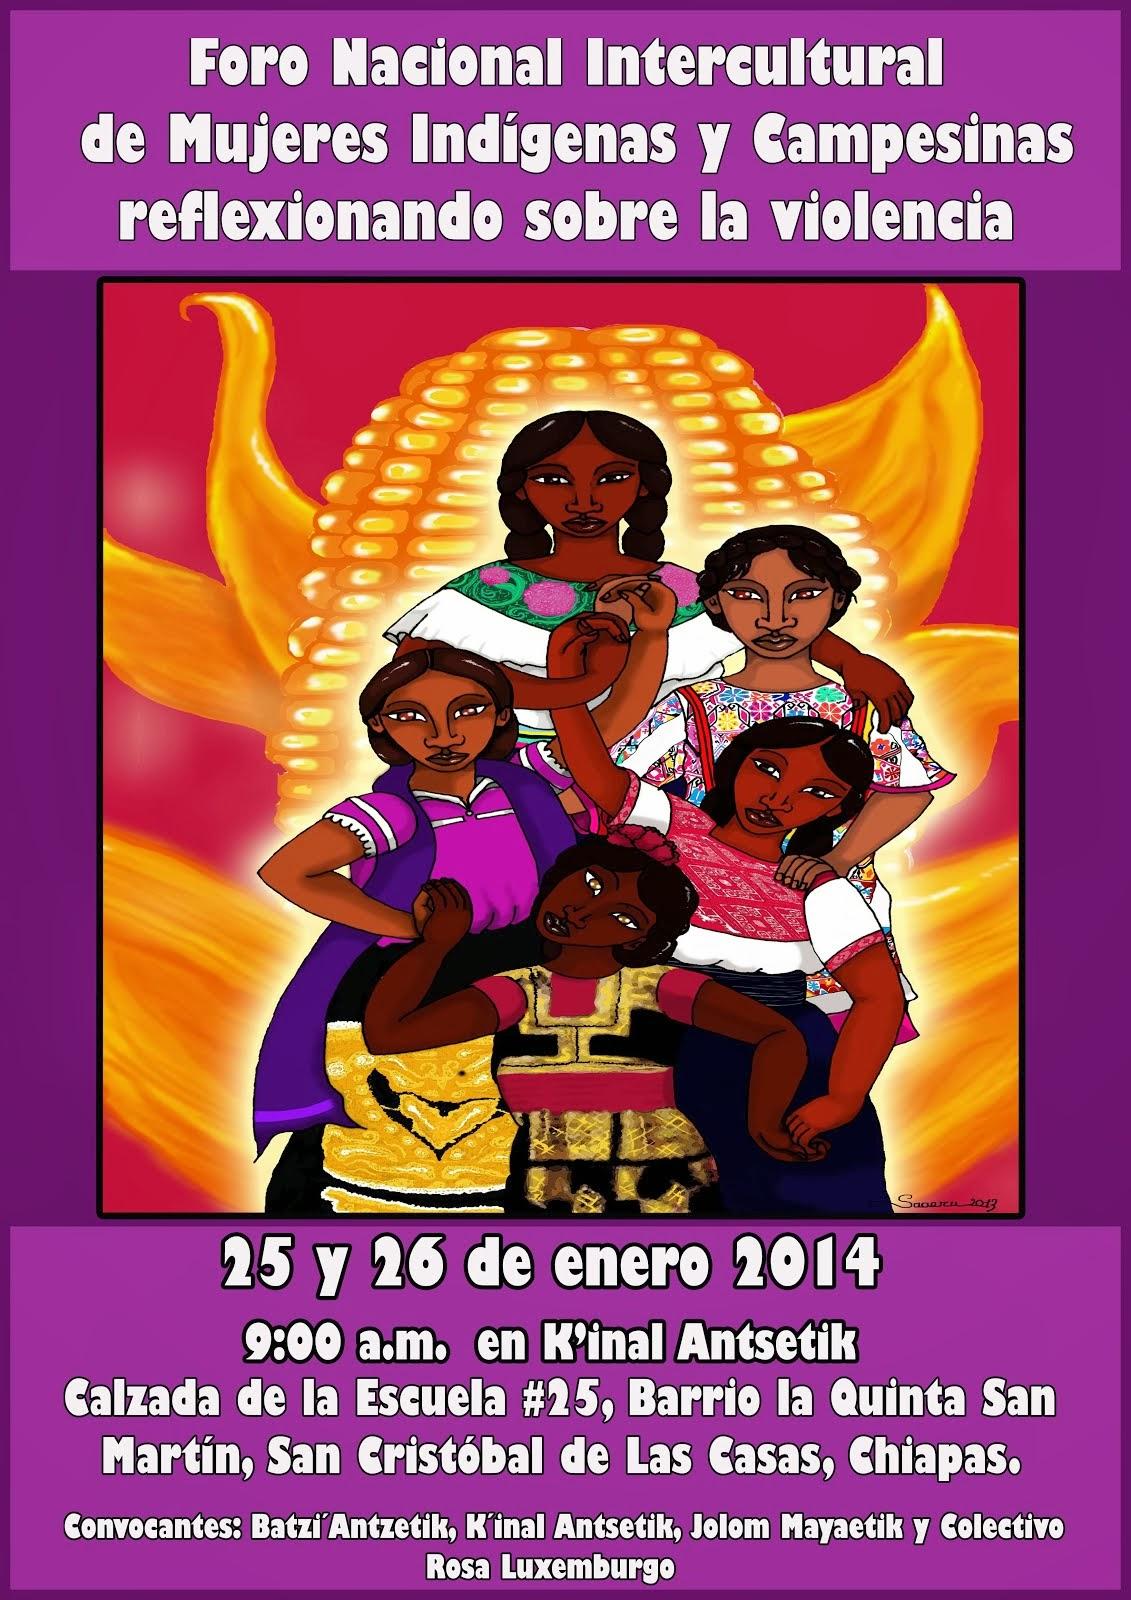 FORO NACIONAL: MUJERES INDÍGENAS Y CAMPESINAS REFLEXIONAN SOBRE LA VIOLENCIA. 25 Y 26 ENERO 2014